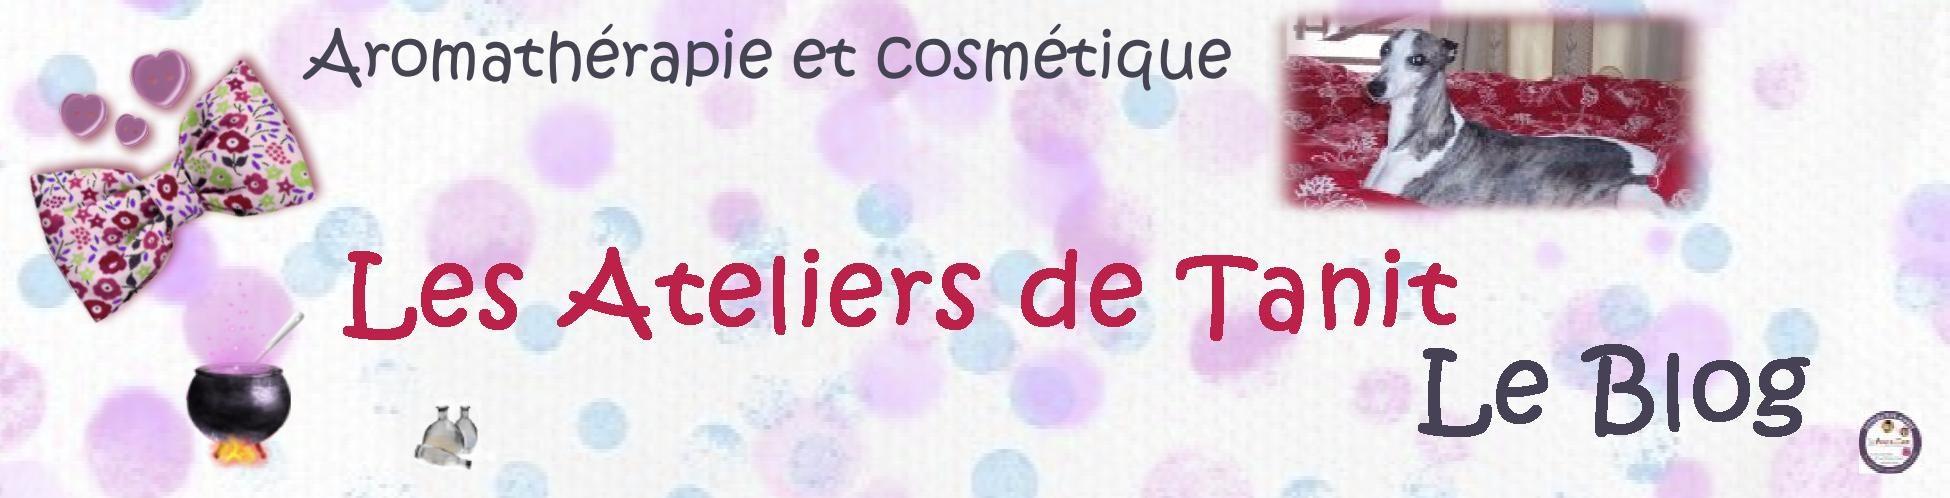 Ateliers aromathérapie et cosmétiques